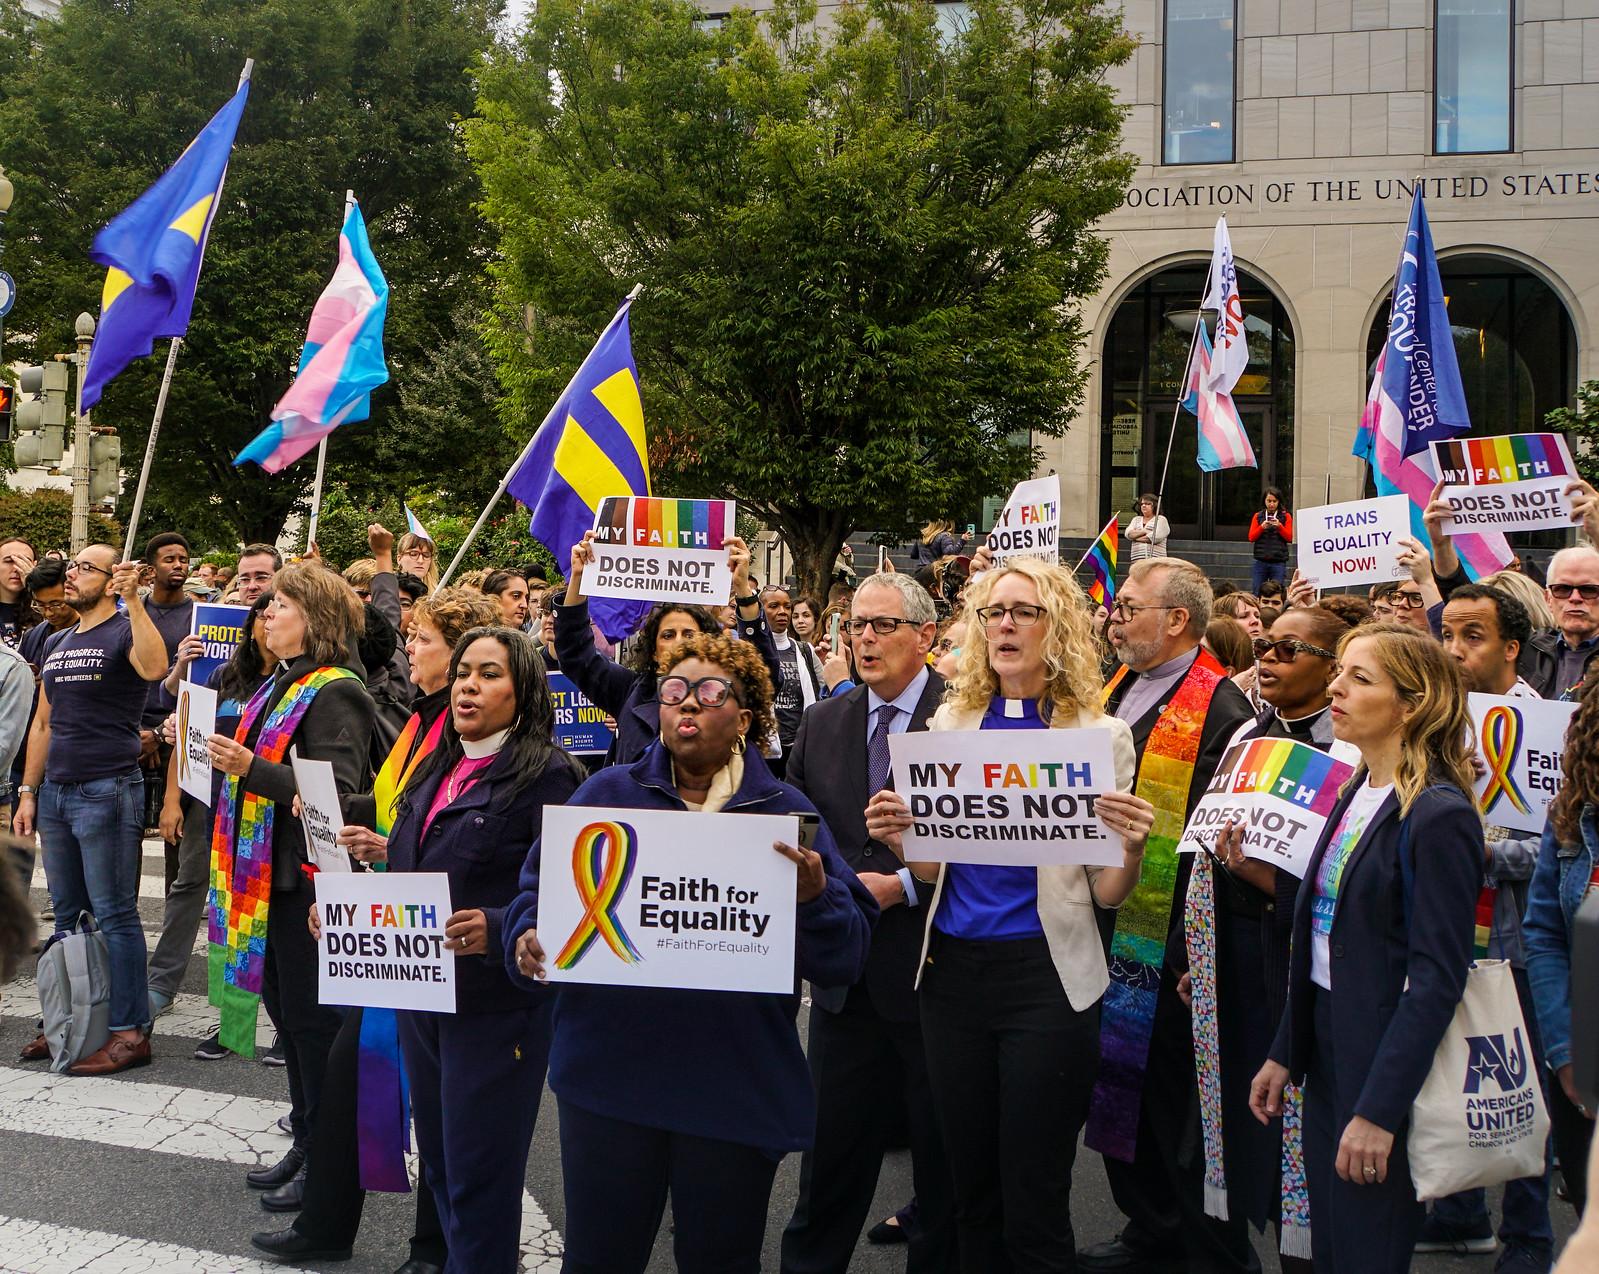 2019.10.08 SCOTUS Protest for LGBTQ Equality, Washington, DC USA 281 24022